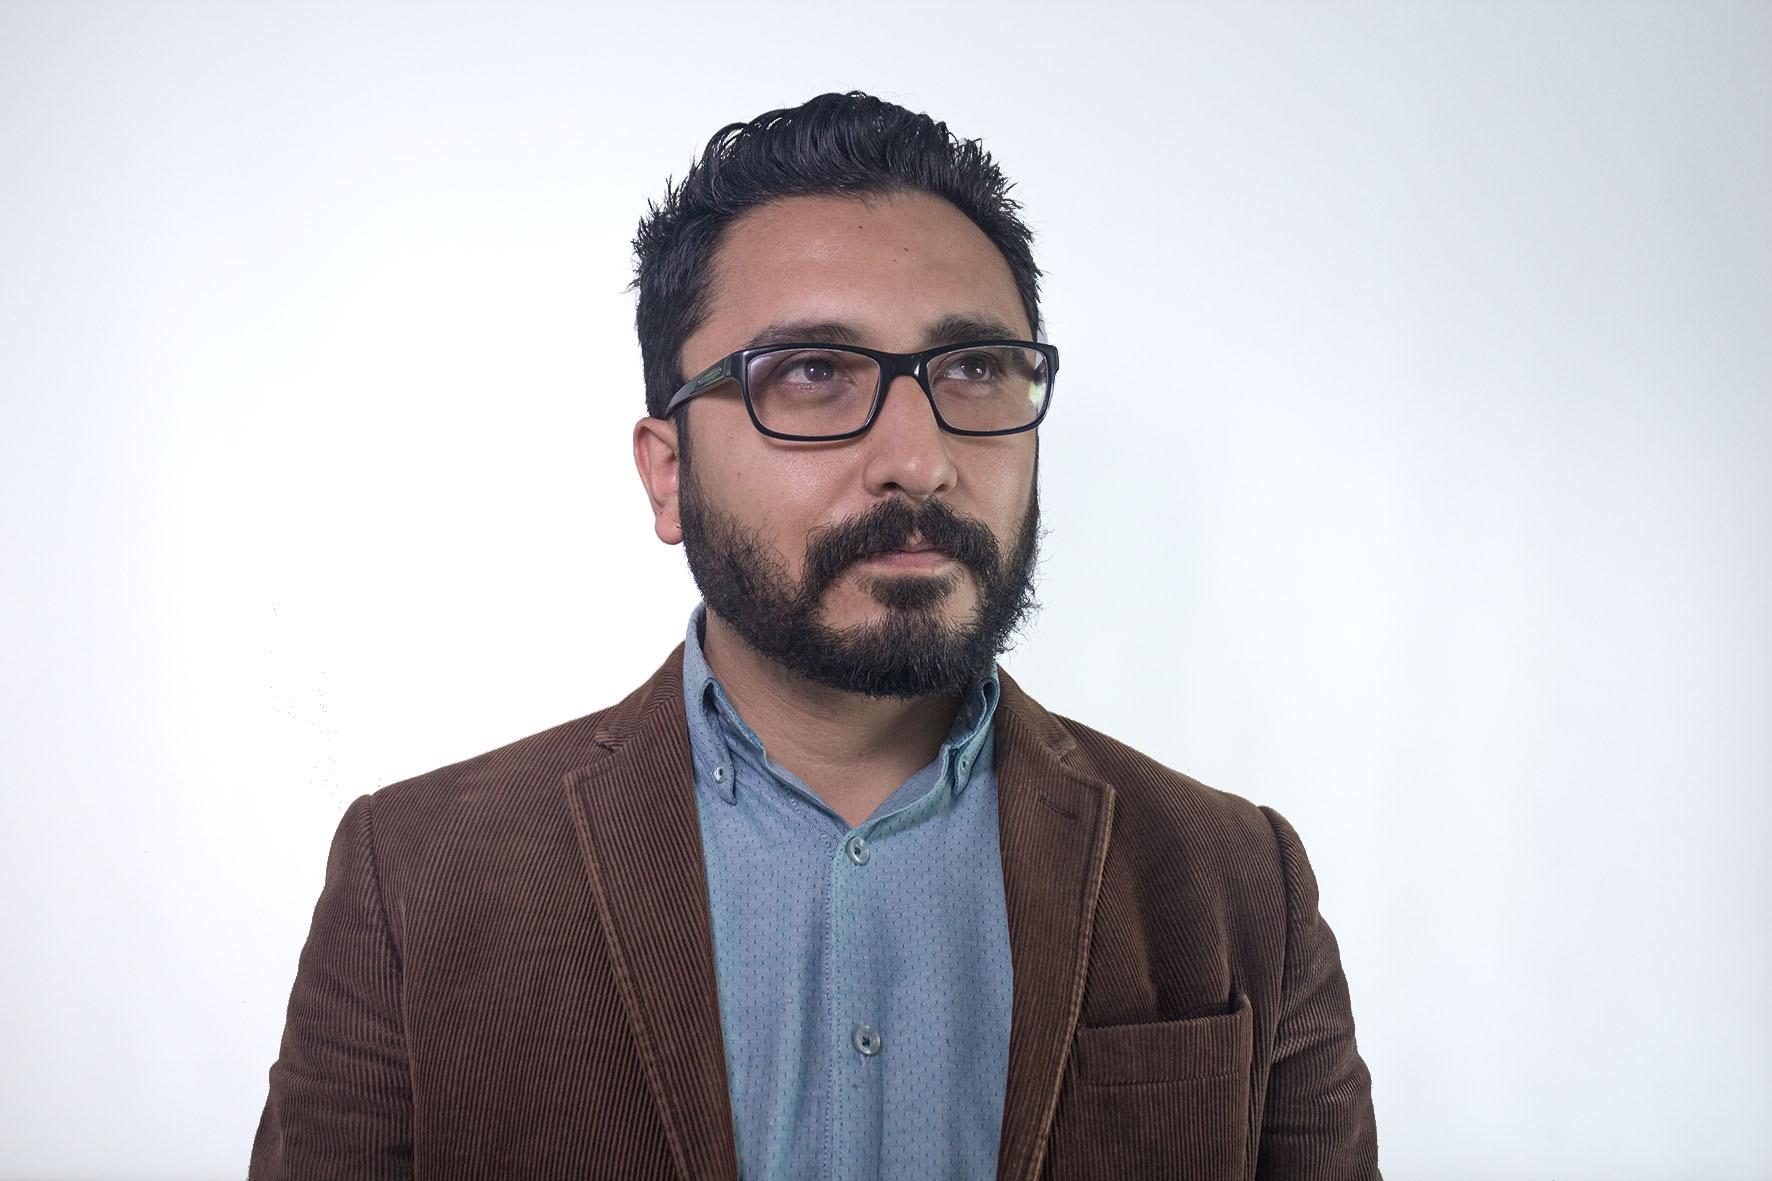 Luis Estrella